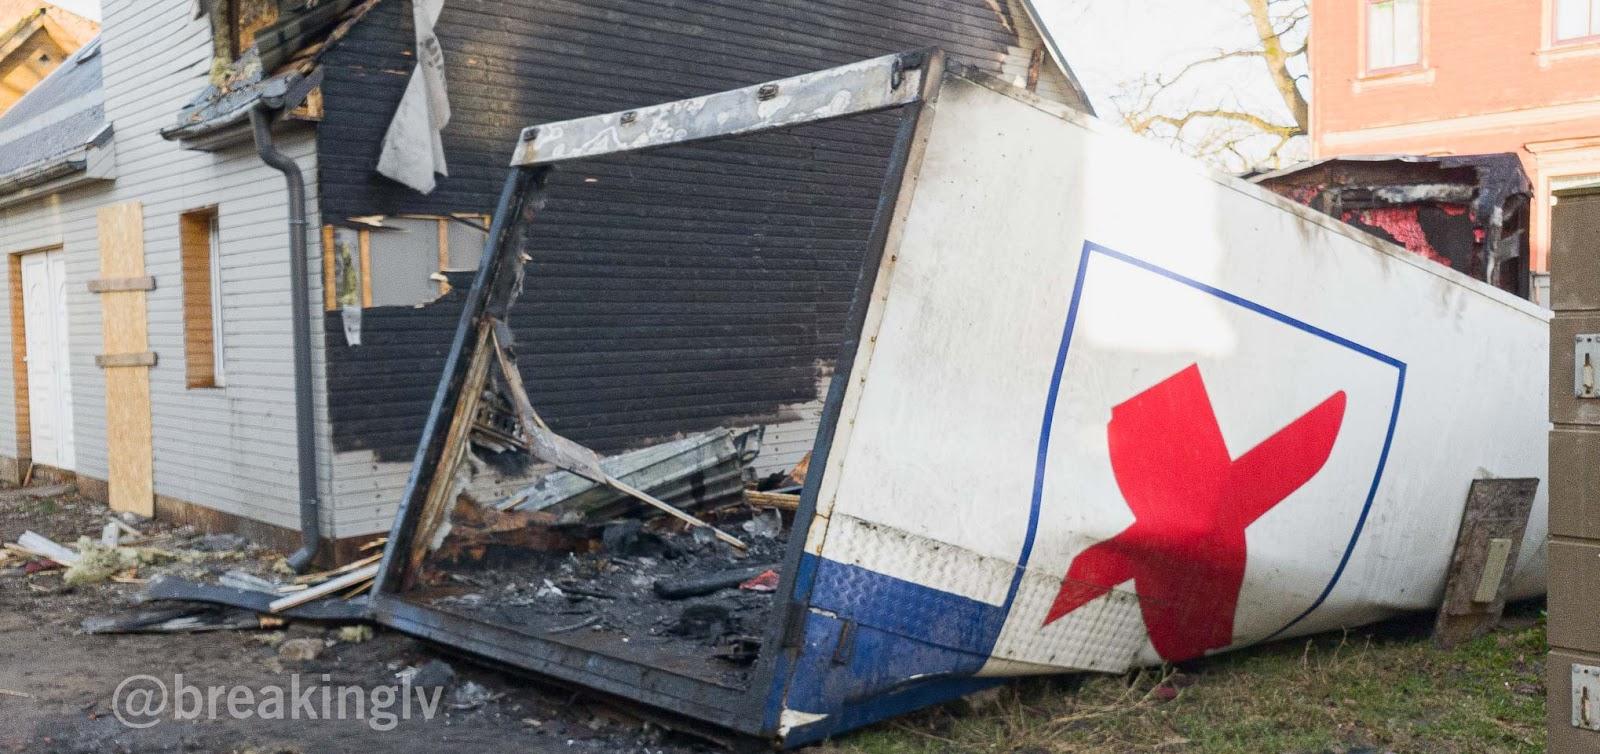 Liesmās nopostīts konteiners un koka ēkas siena